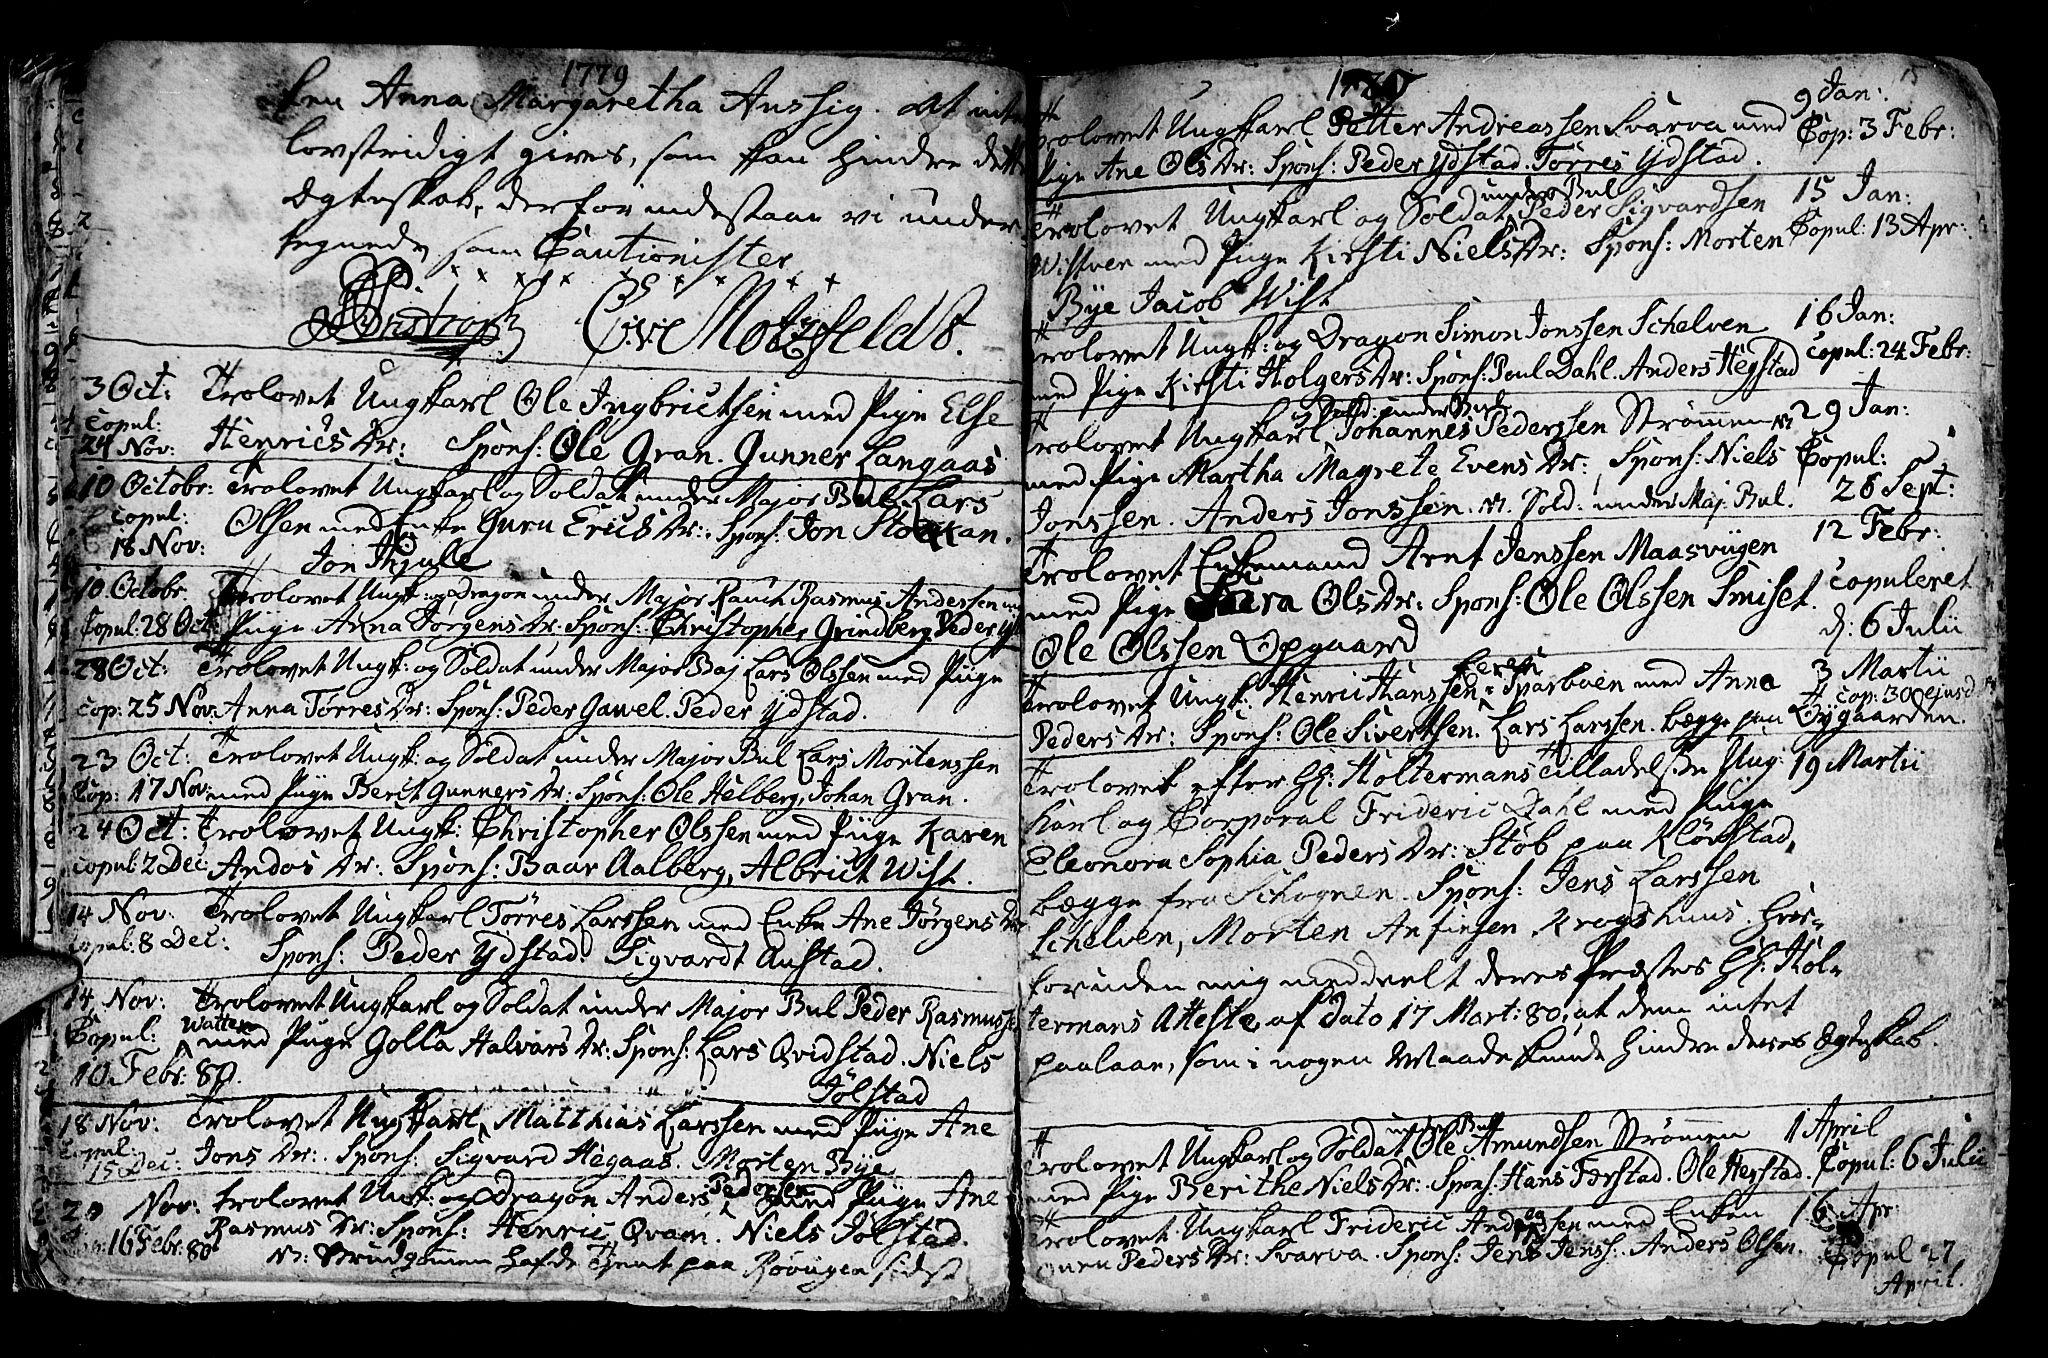 SAT, Ministerialprotokoller, klokkerbøker og fødselsregistre - Nord-Trøndelag, 730/L0273: Ministerialbok nr. 730A02, 1762-1802, s. 15